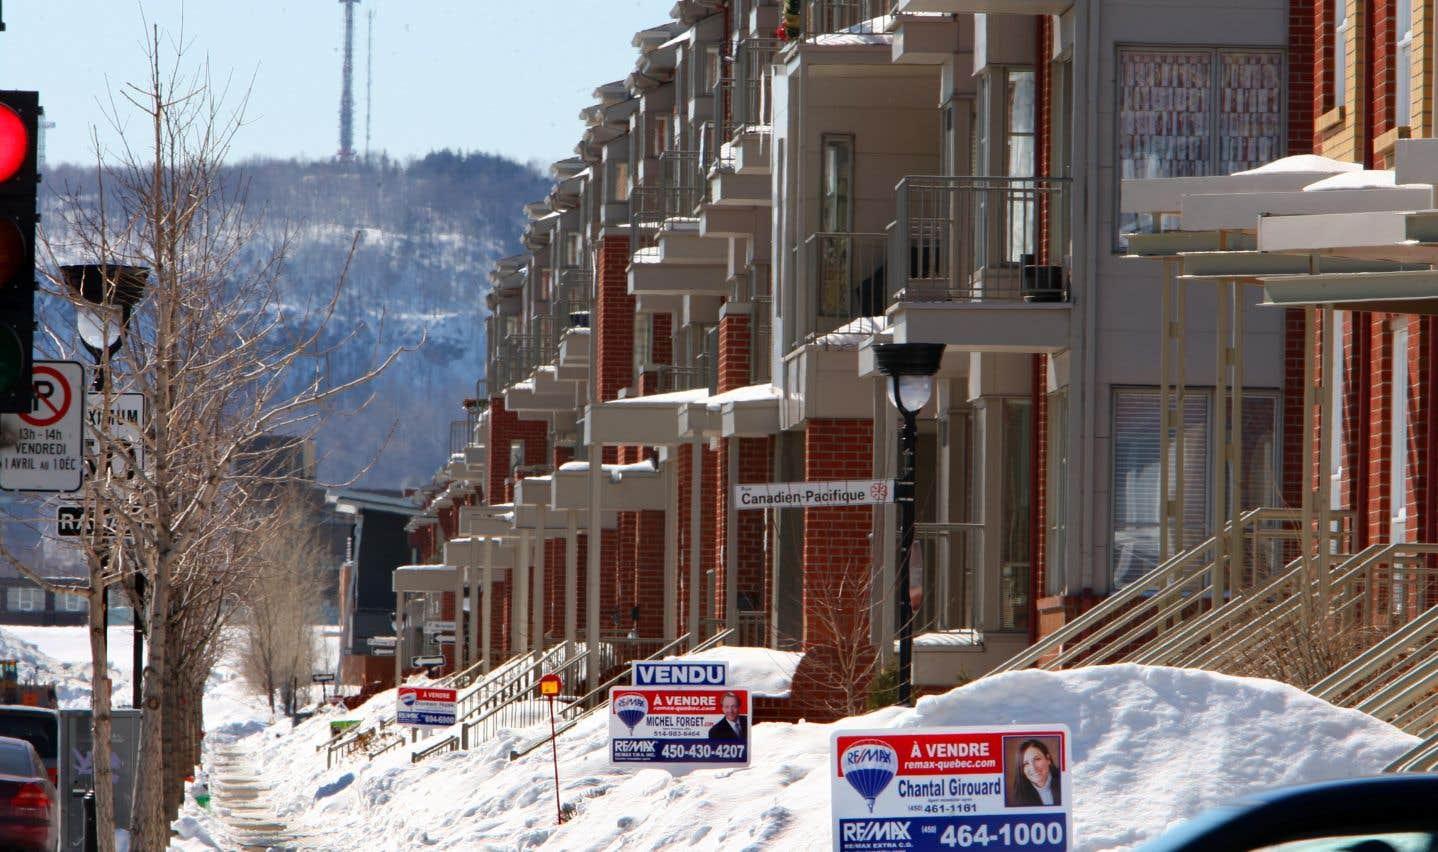 La croissance des ventes a excédé 20% dans cinq des quartiers les plus populaires de la métropole.